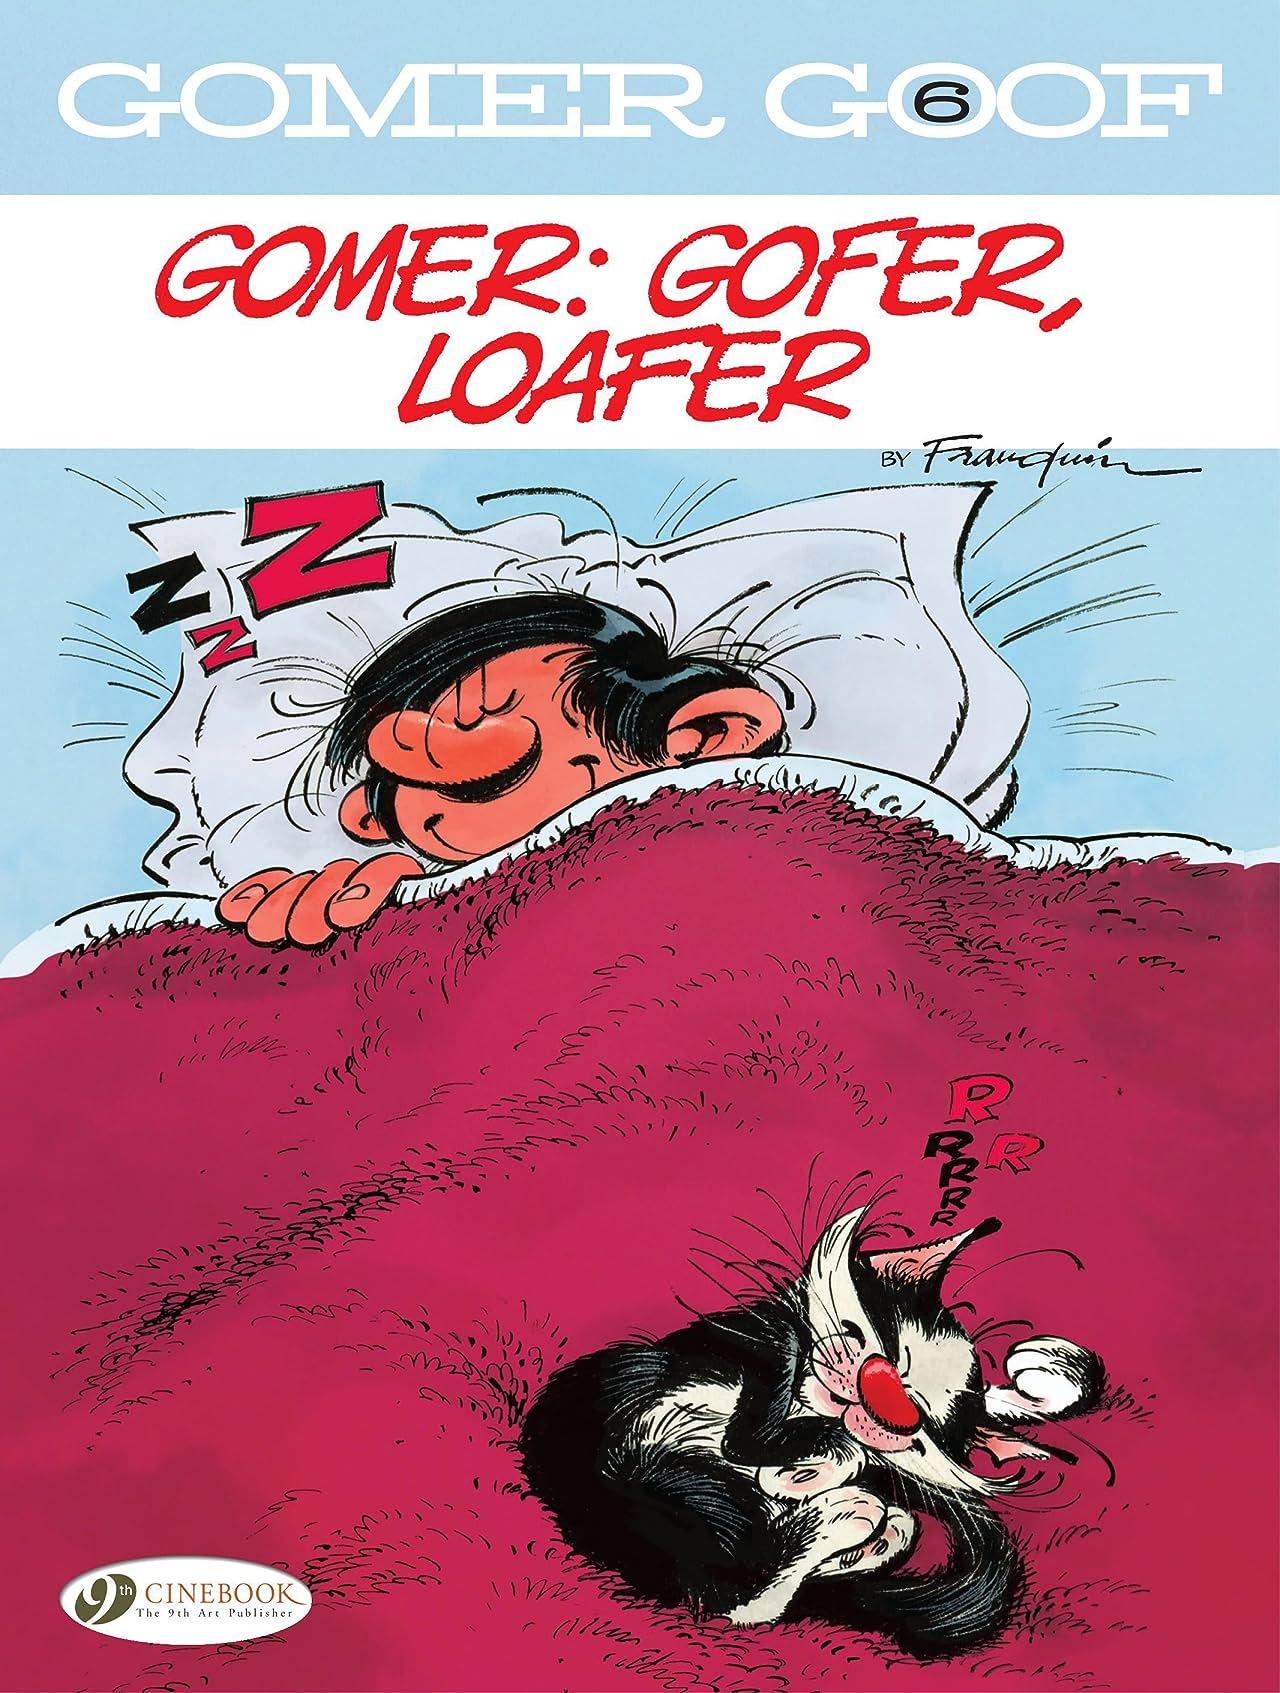 Gomer Goof Tome 6: Gomer: Gofer, Loafer